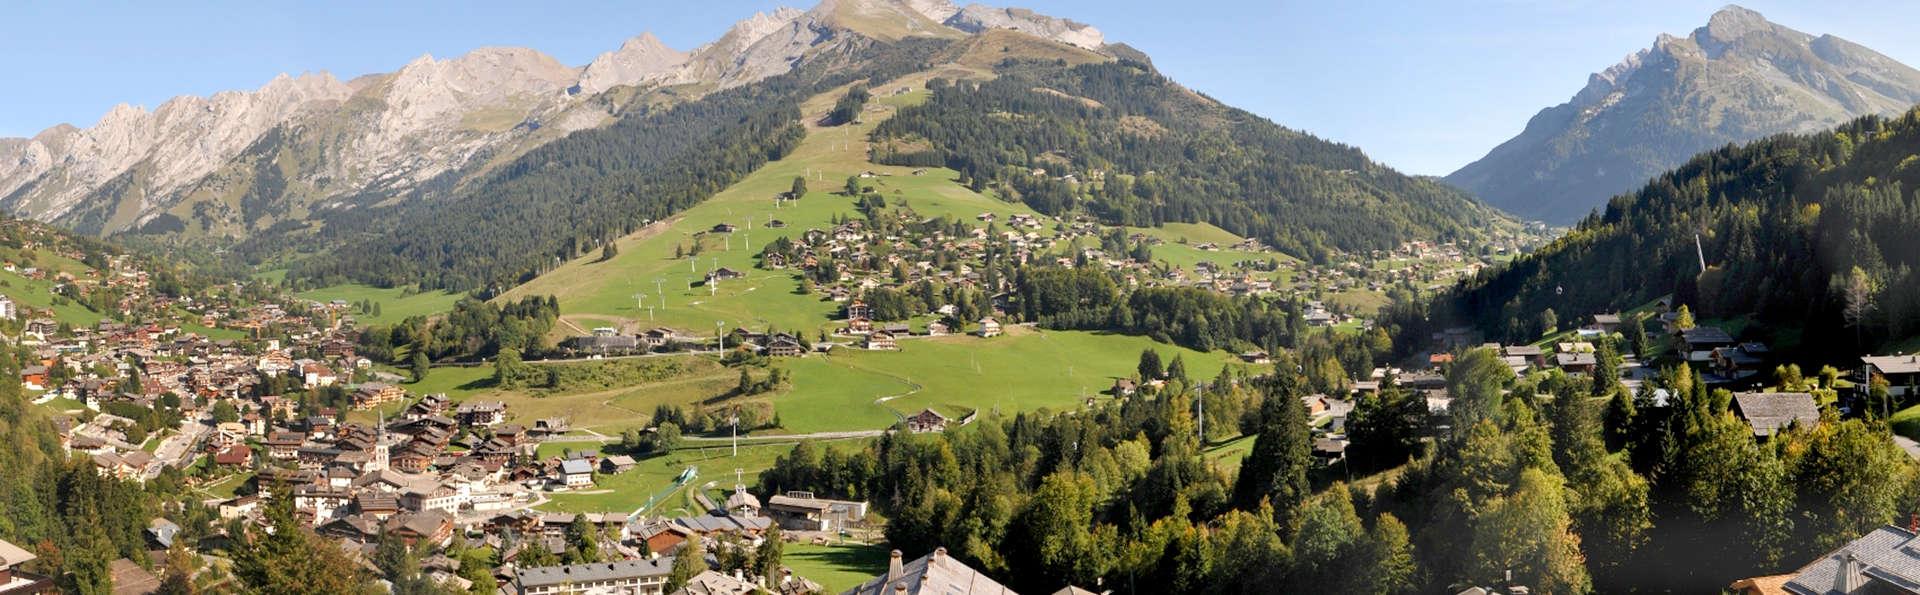 Hôtel Alpen Roc - La Clusaz - Edit_View1.jpg